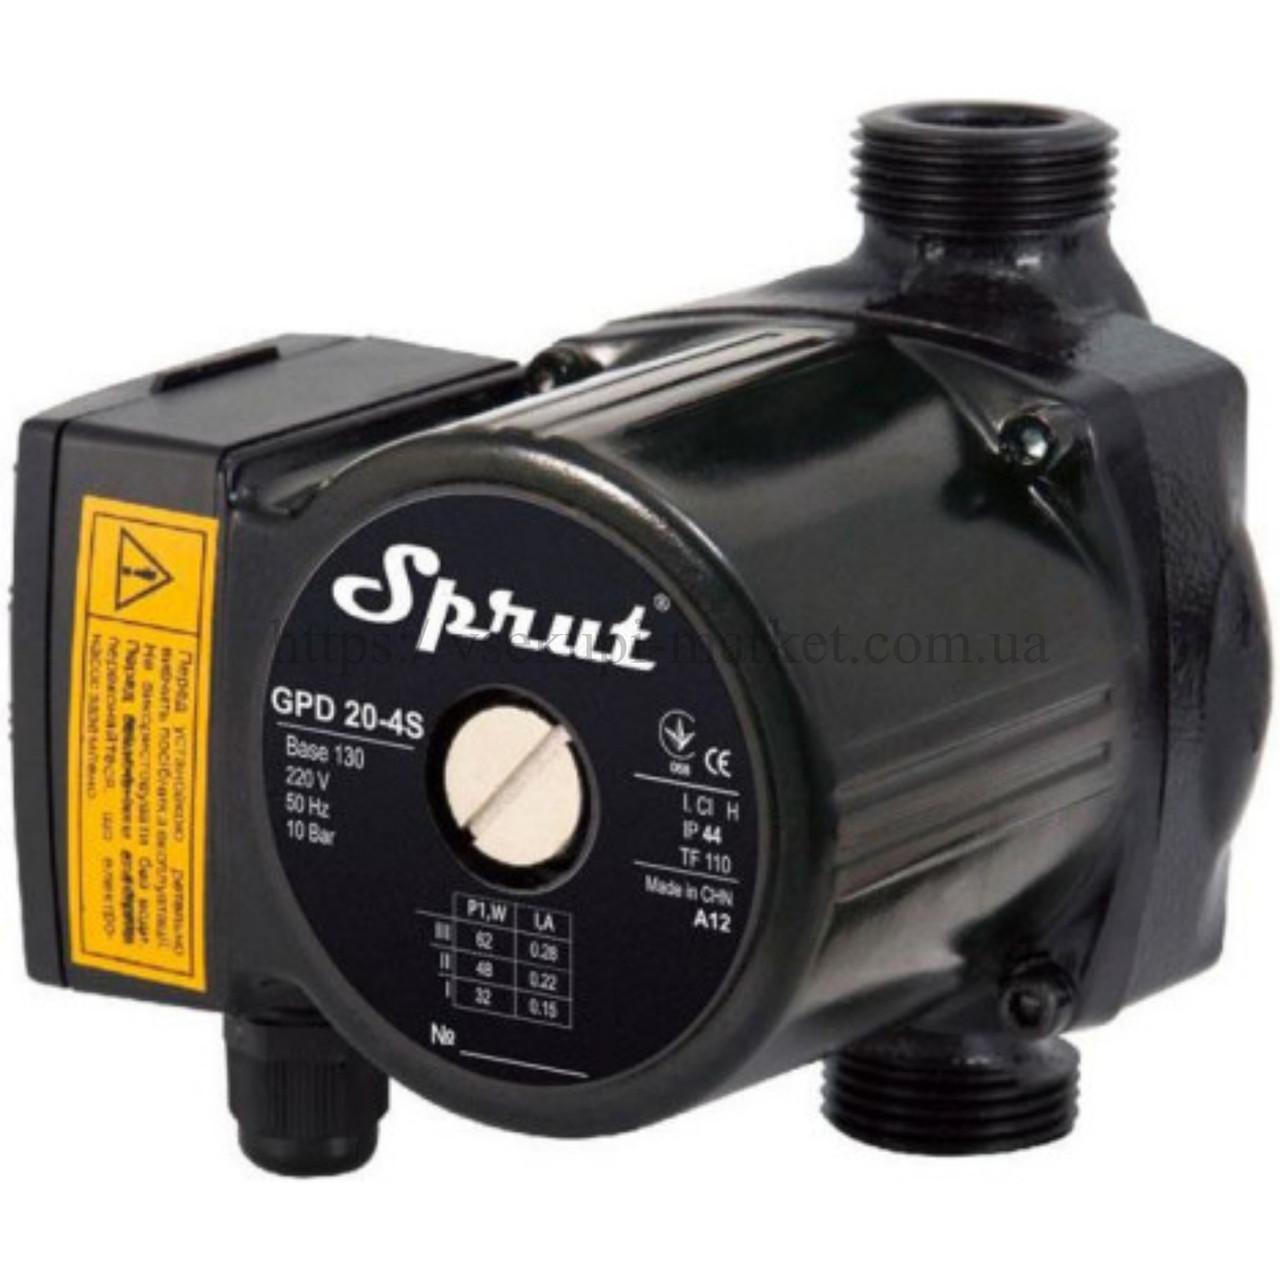 Циркуляционный насос Sprut GPD 20-4S-130, присоединительный комплект